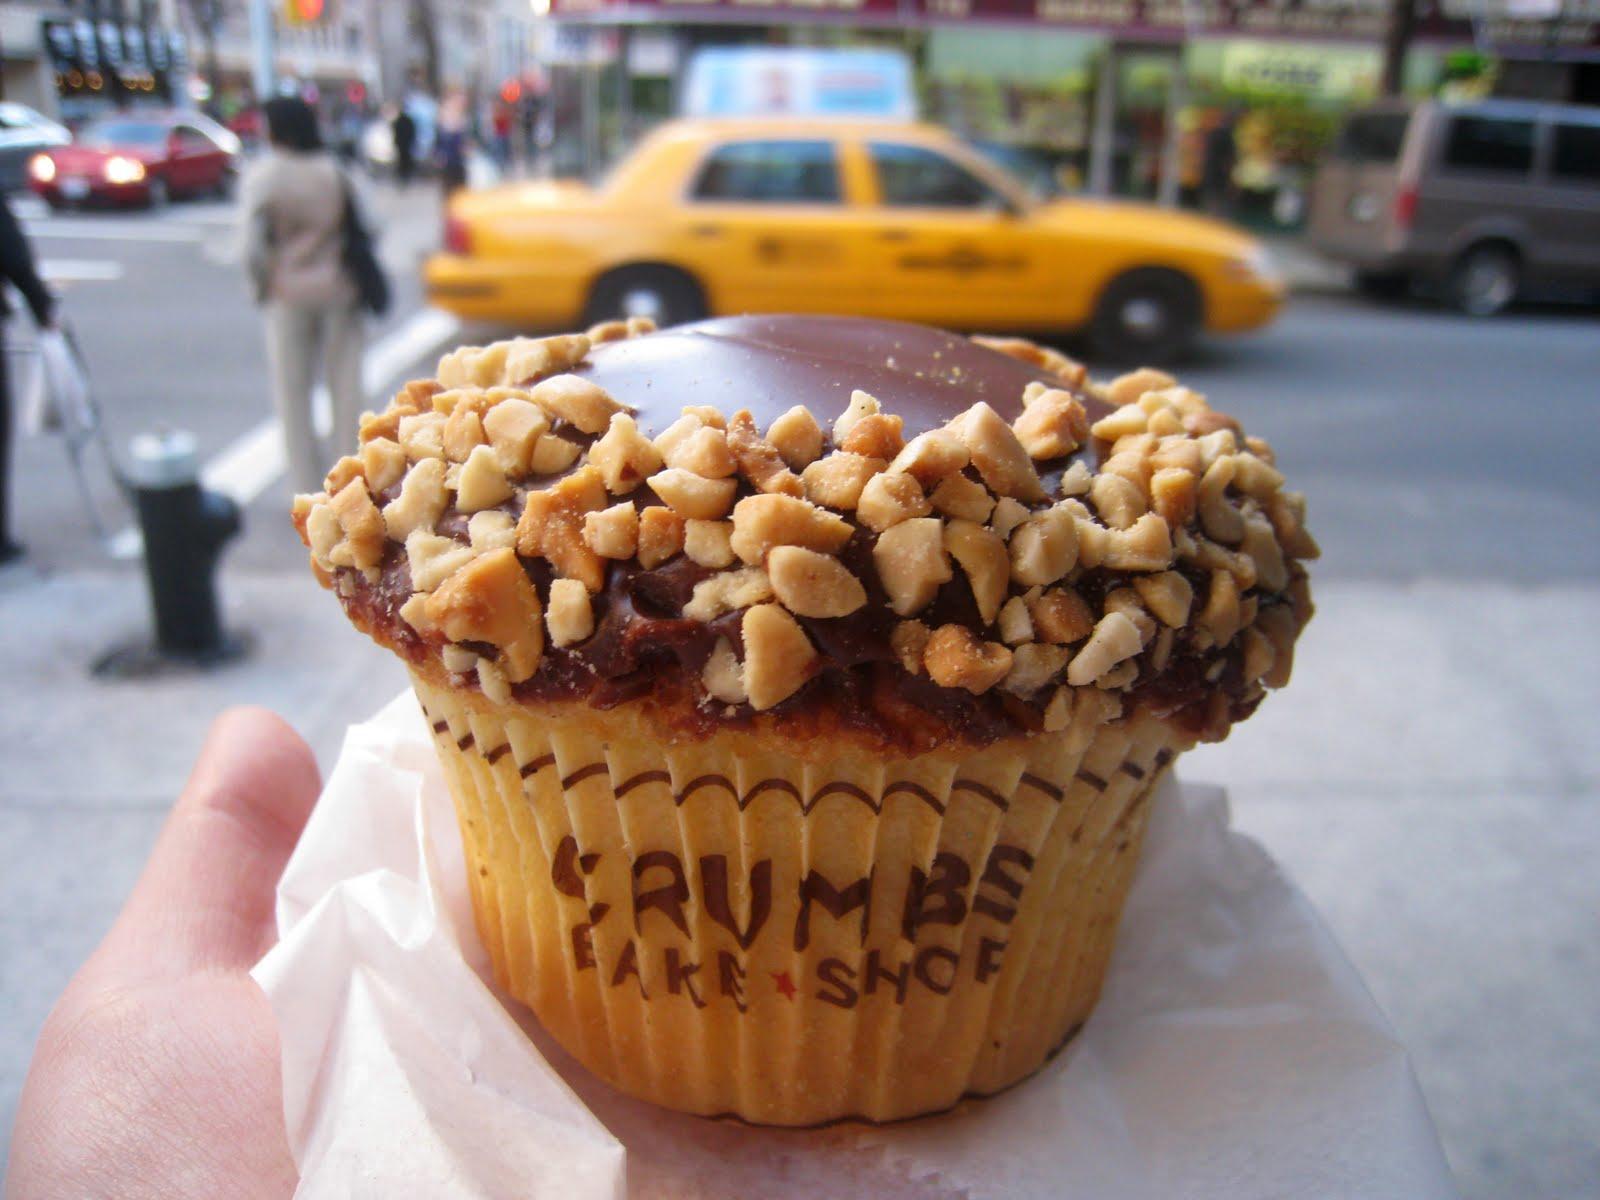 1 teaspoon love crumbs bakery ny